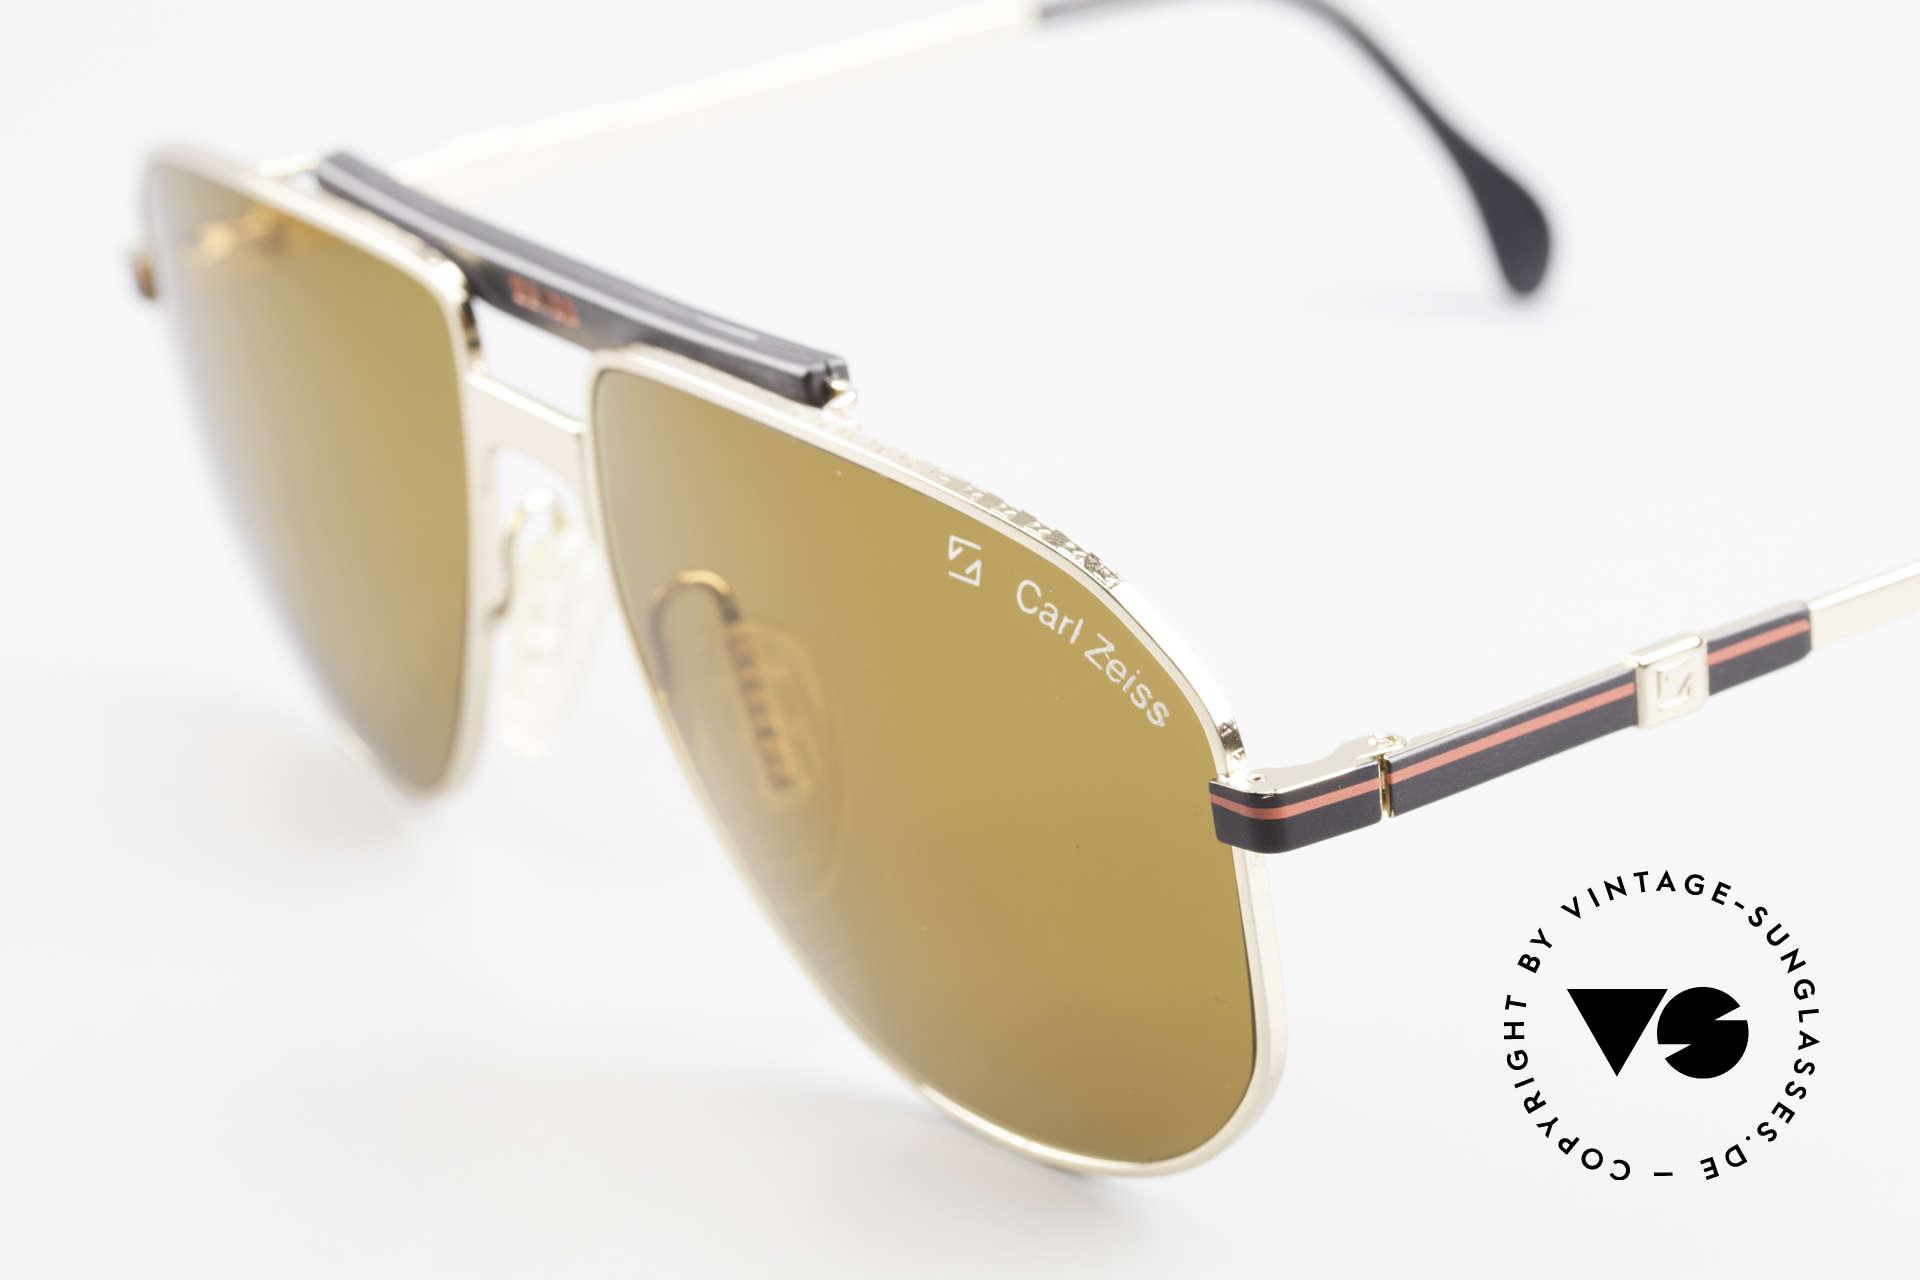 Zeiss 9934 90er Vintage Sonnenbrille, ungetragen (wie alle unsere 90er Zeiss Sonnenbrillen), Passend für Herren